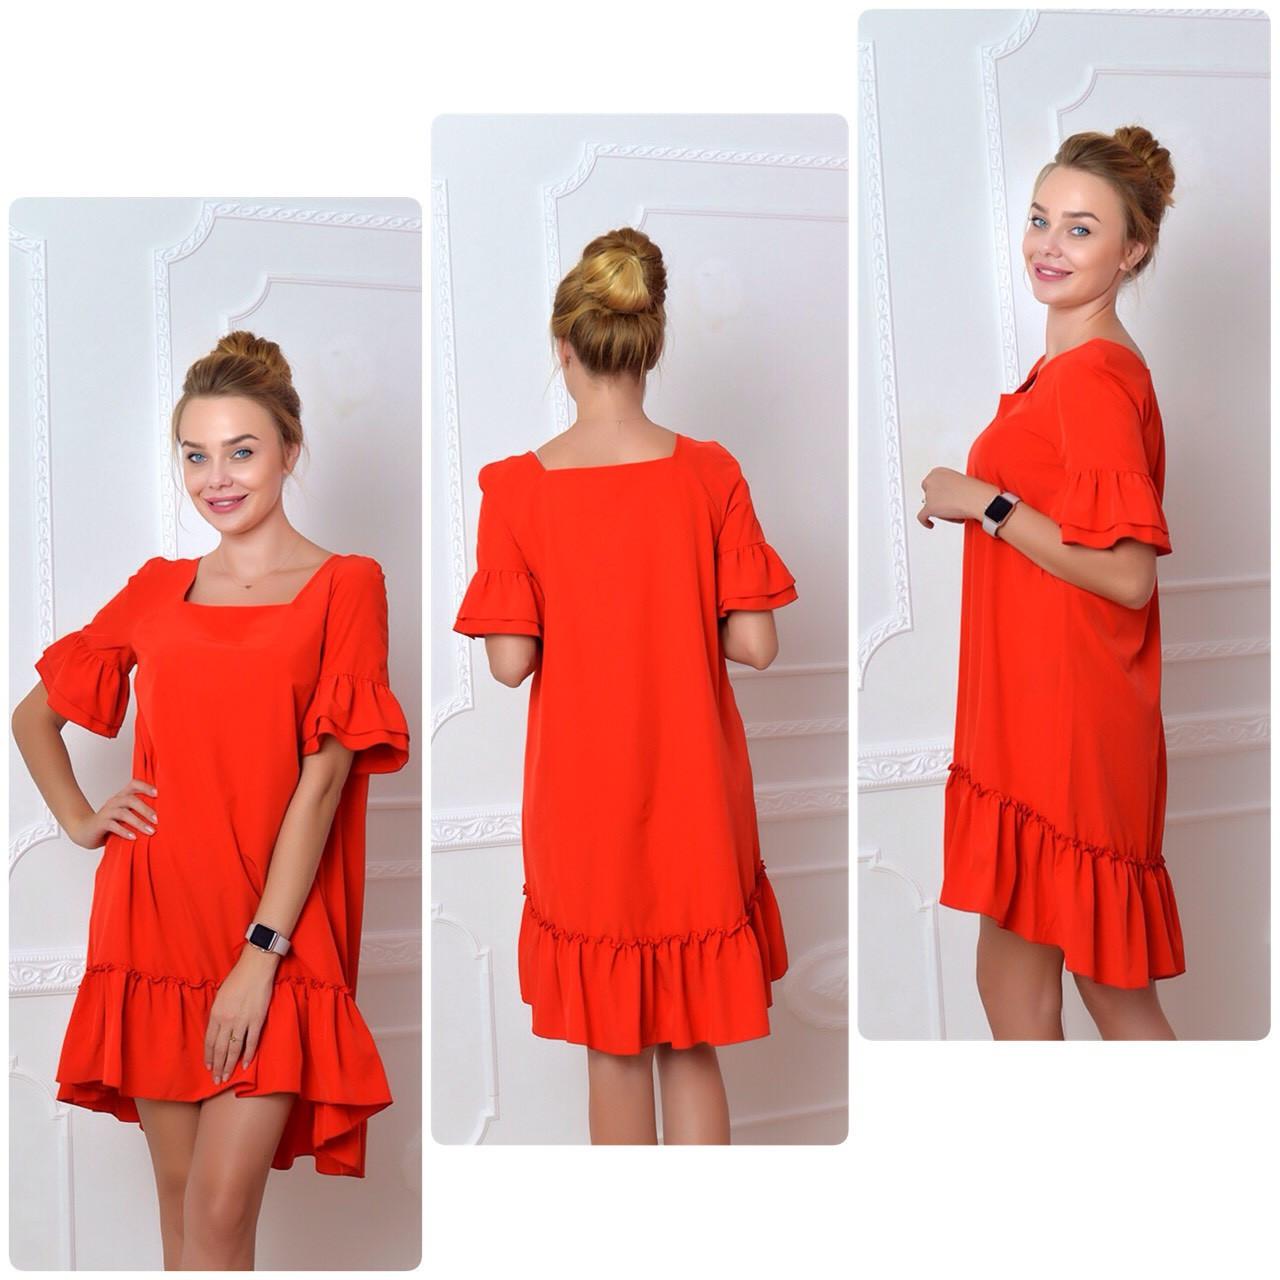 Платье, модель 789, красное